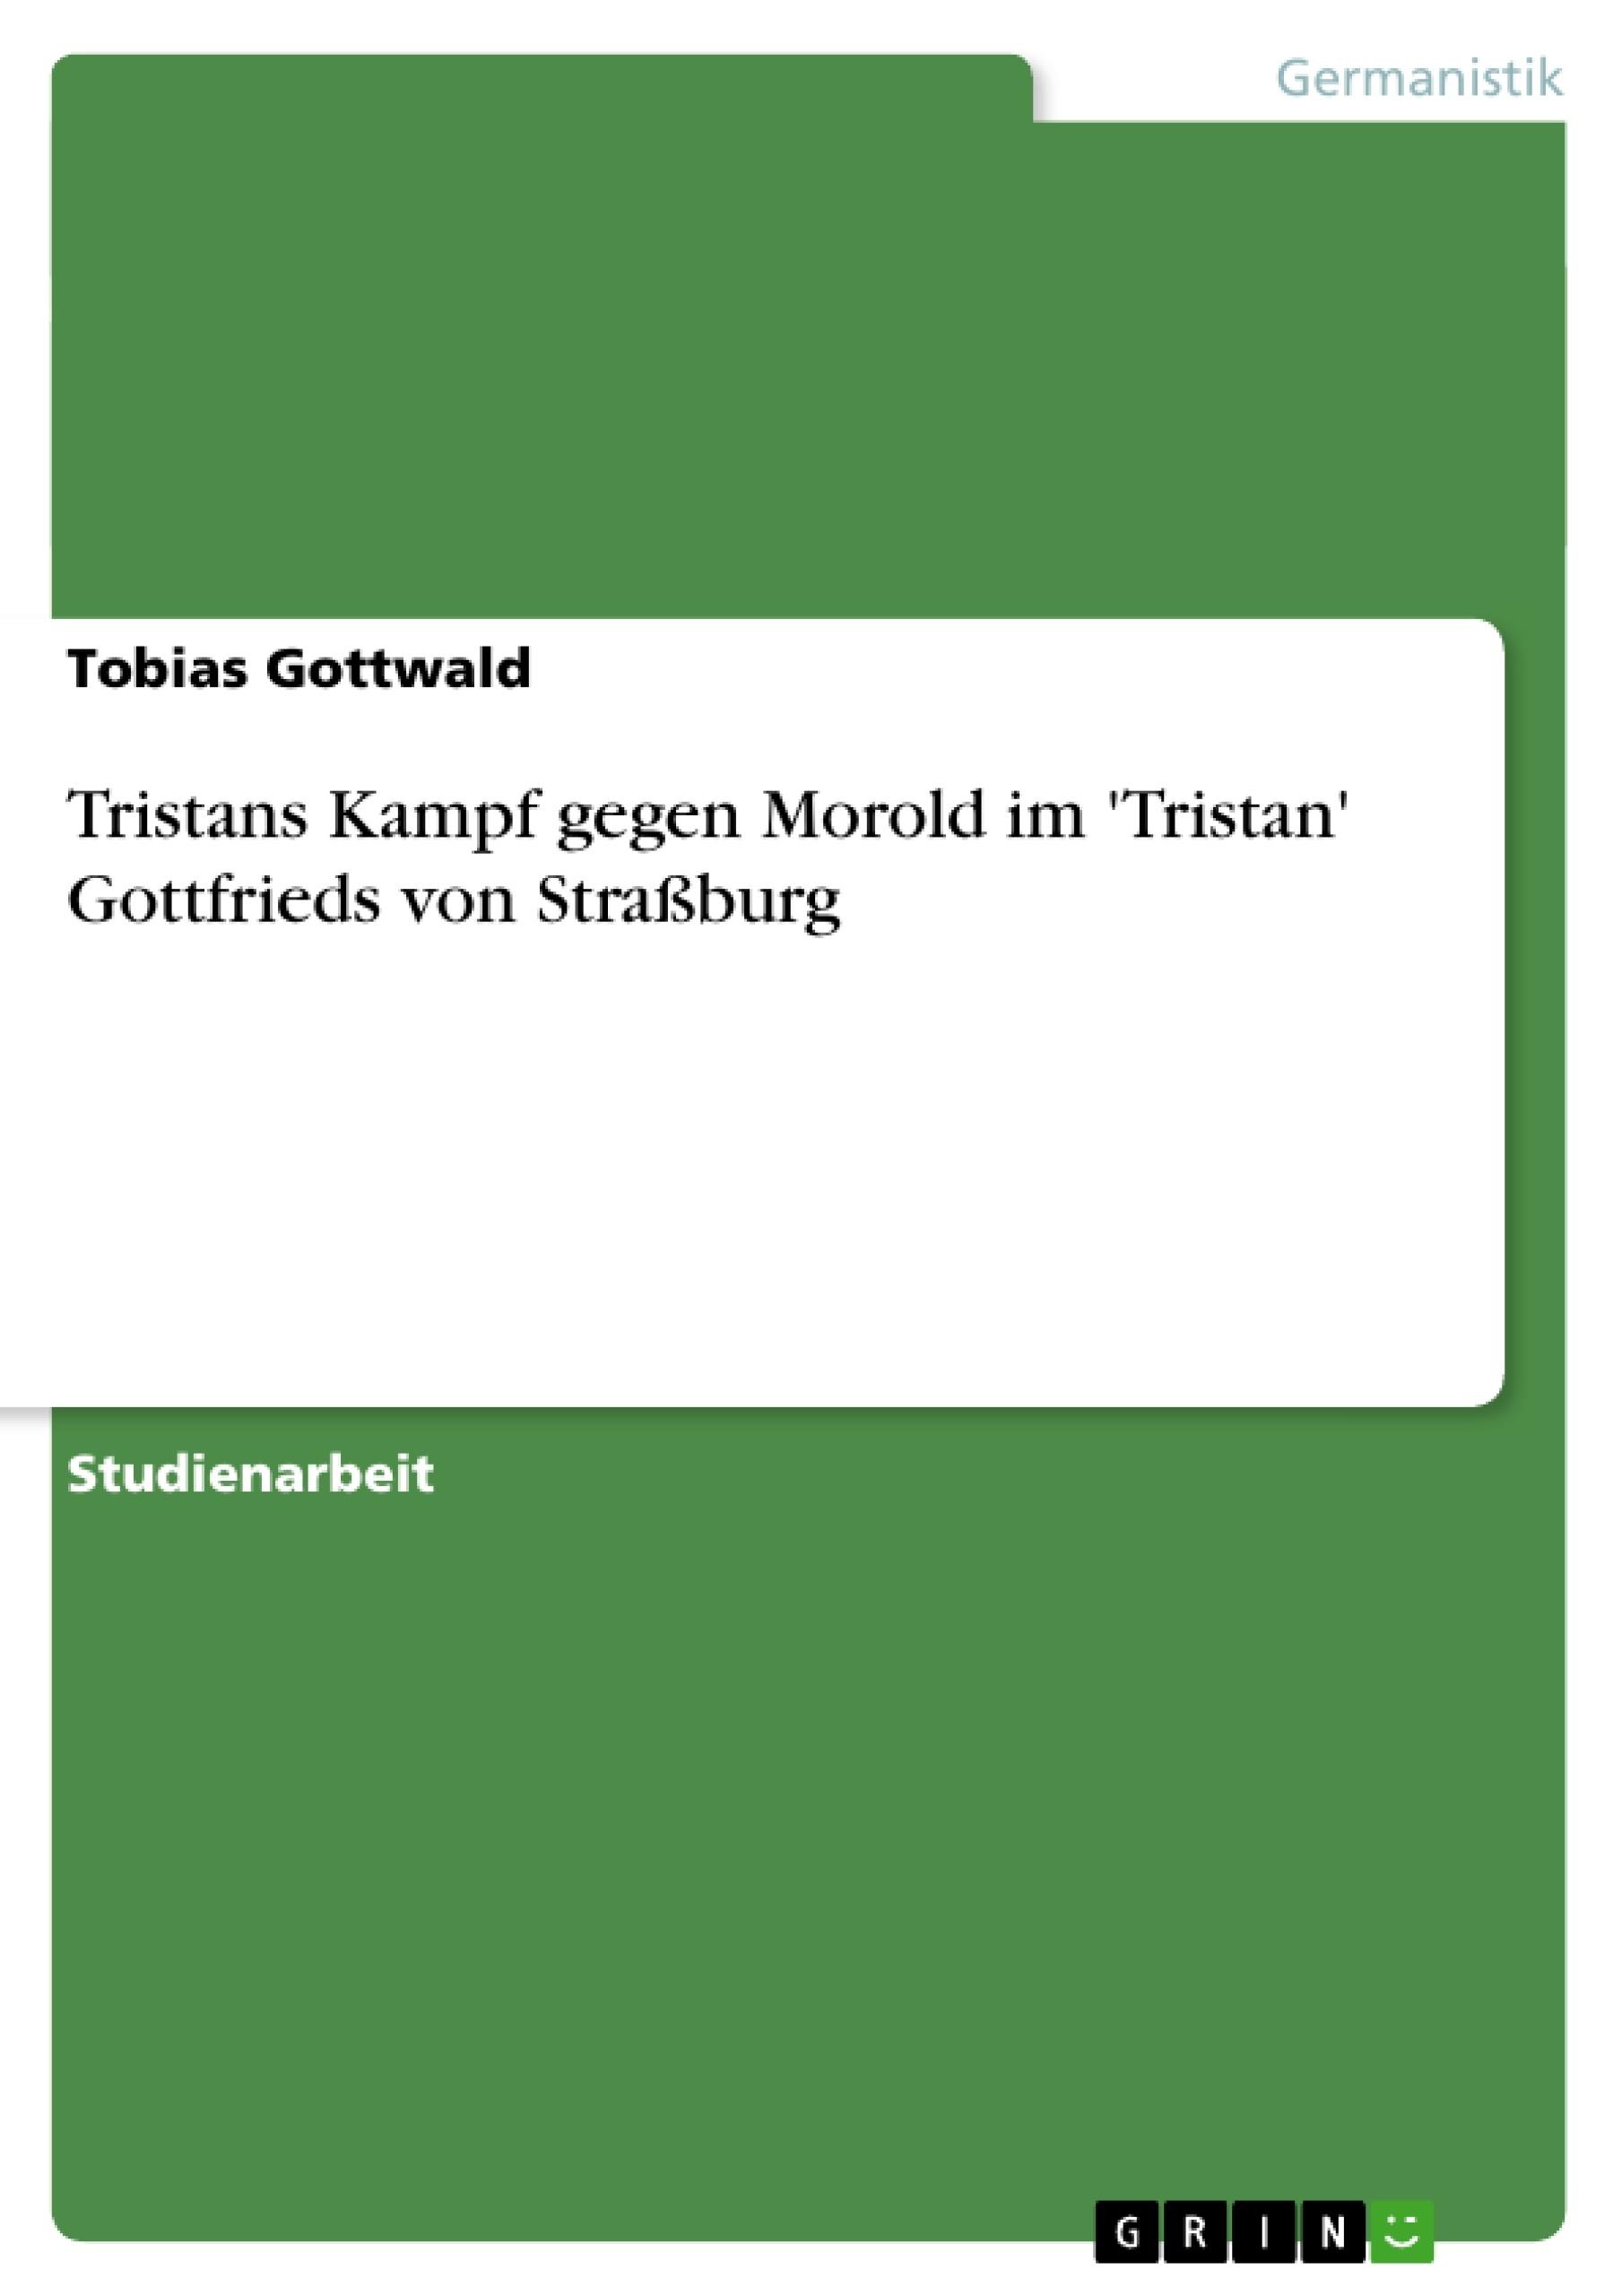 Titel: Tristans Kampf gegen Morold im 'Tristan' Gottfrieds von Straßburg